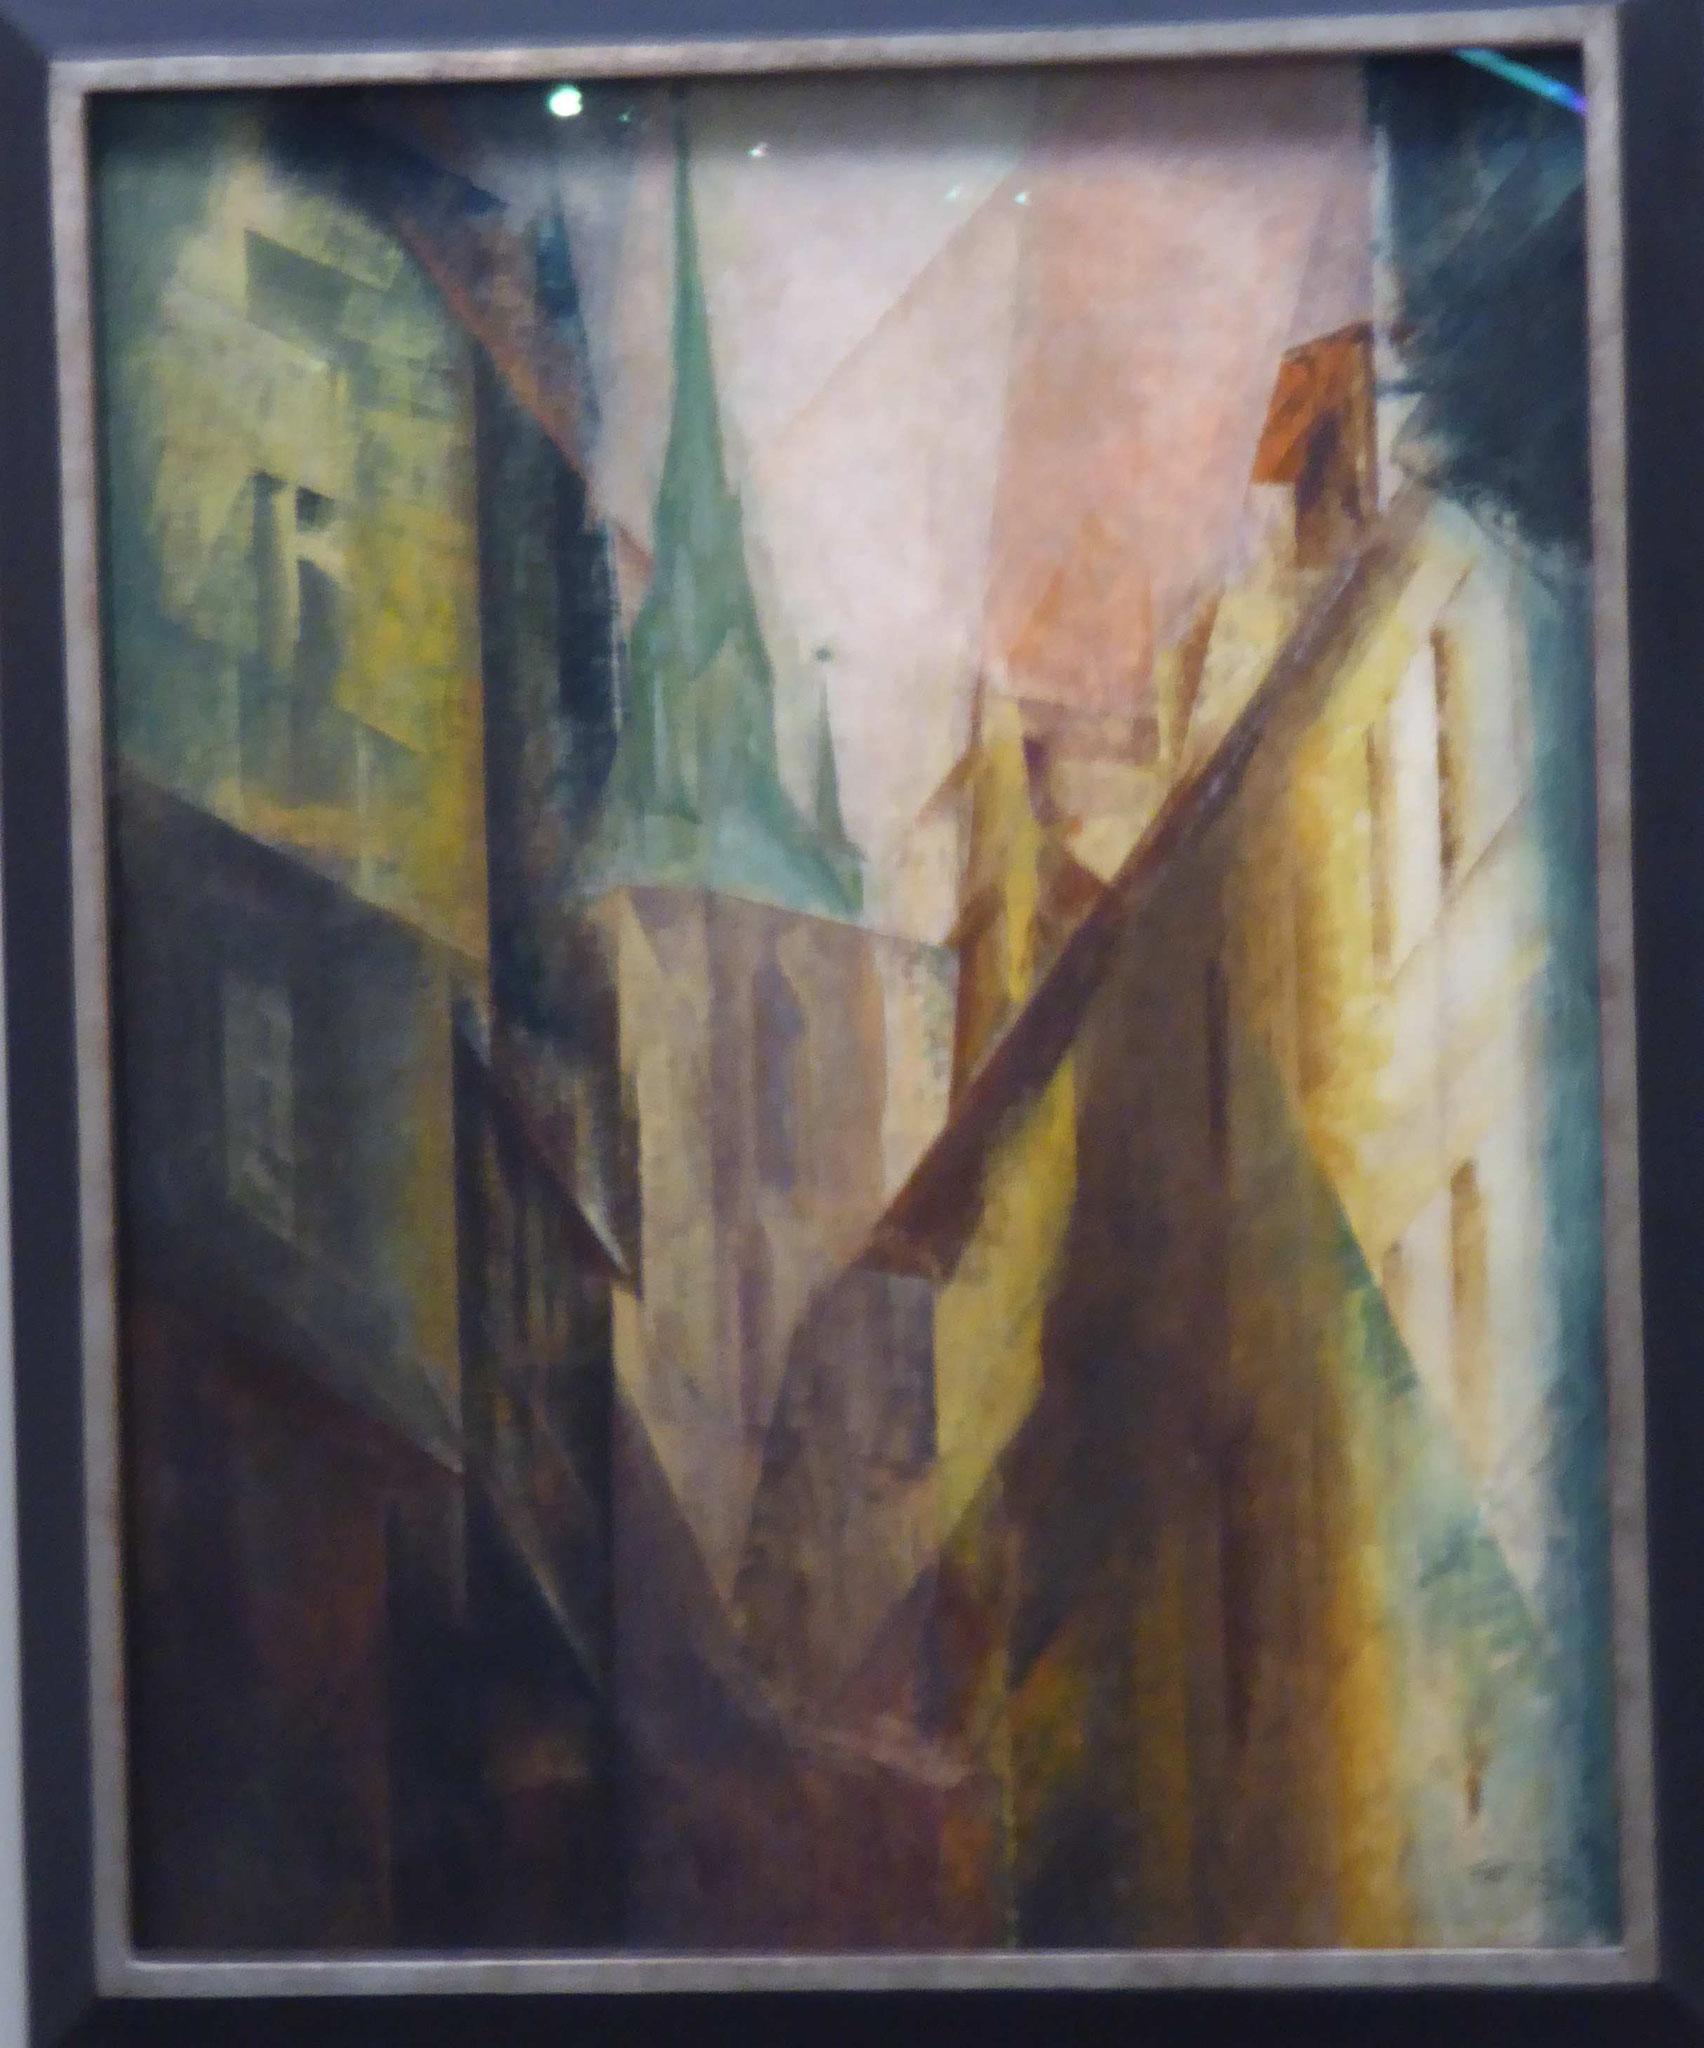 Lyonel Feininger, Roter Turm I, 1930,  Museum Moritzburg, Halle